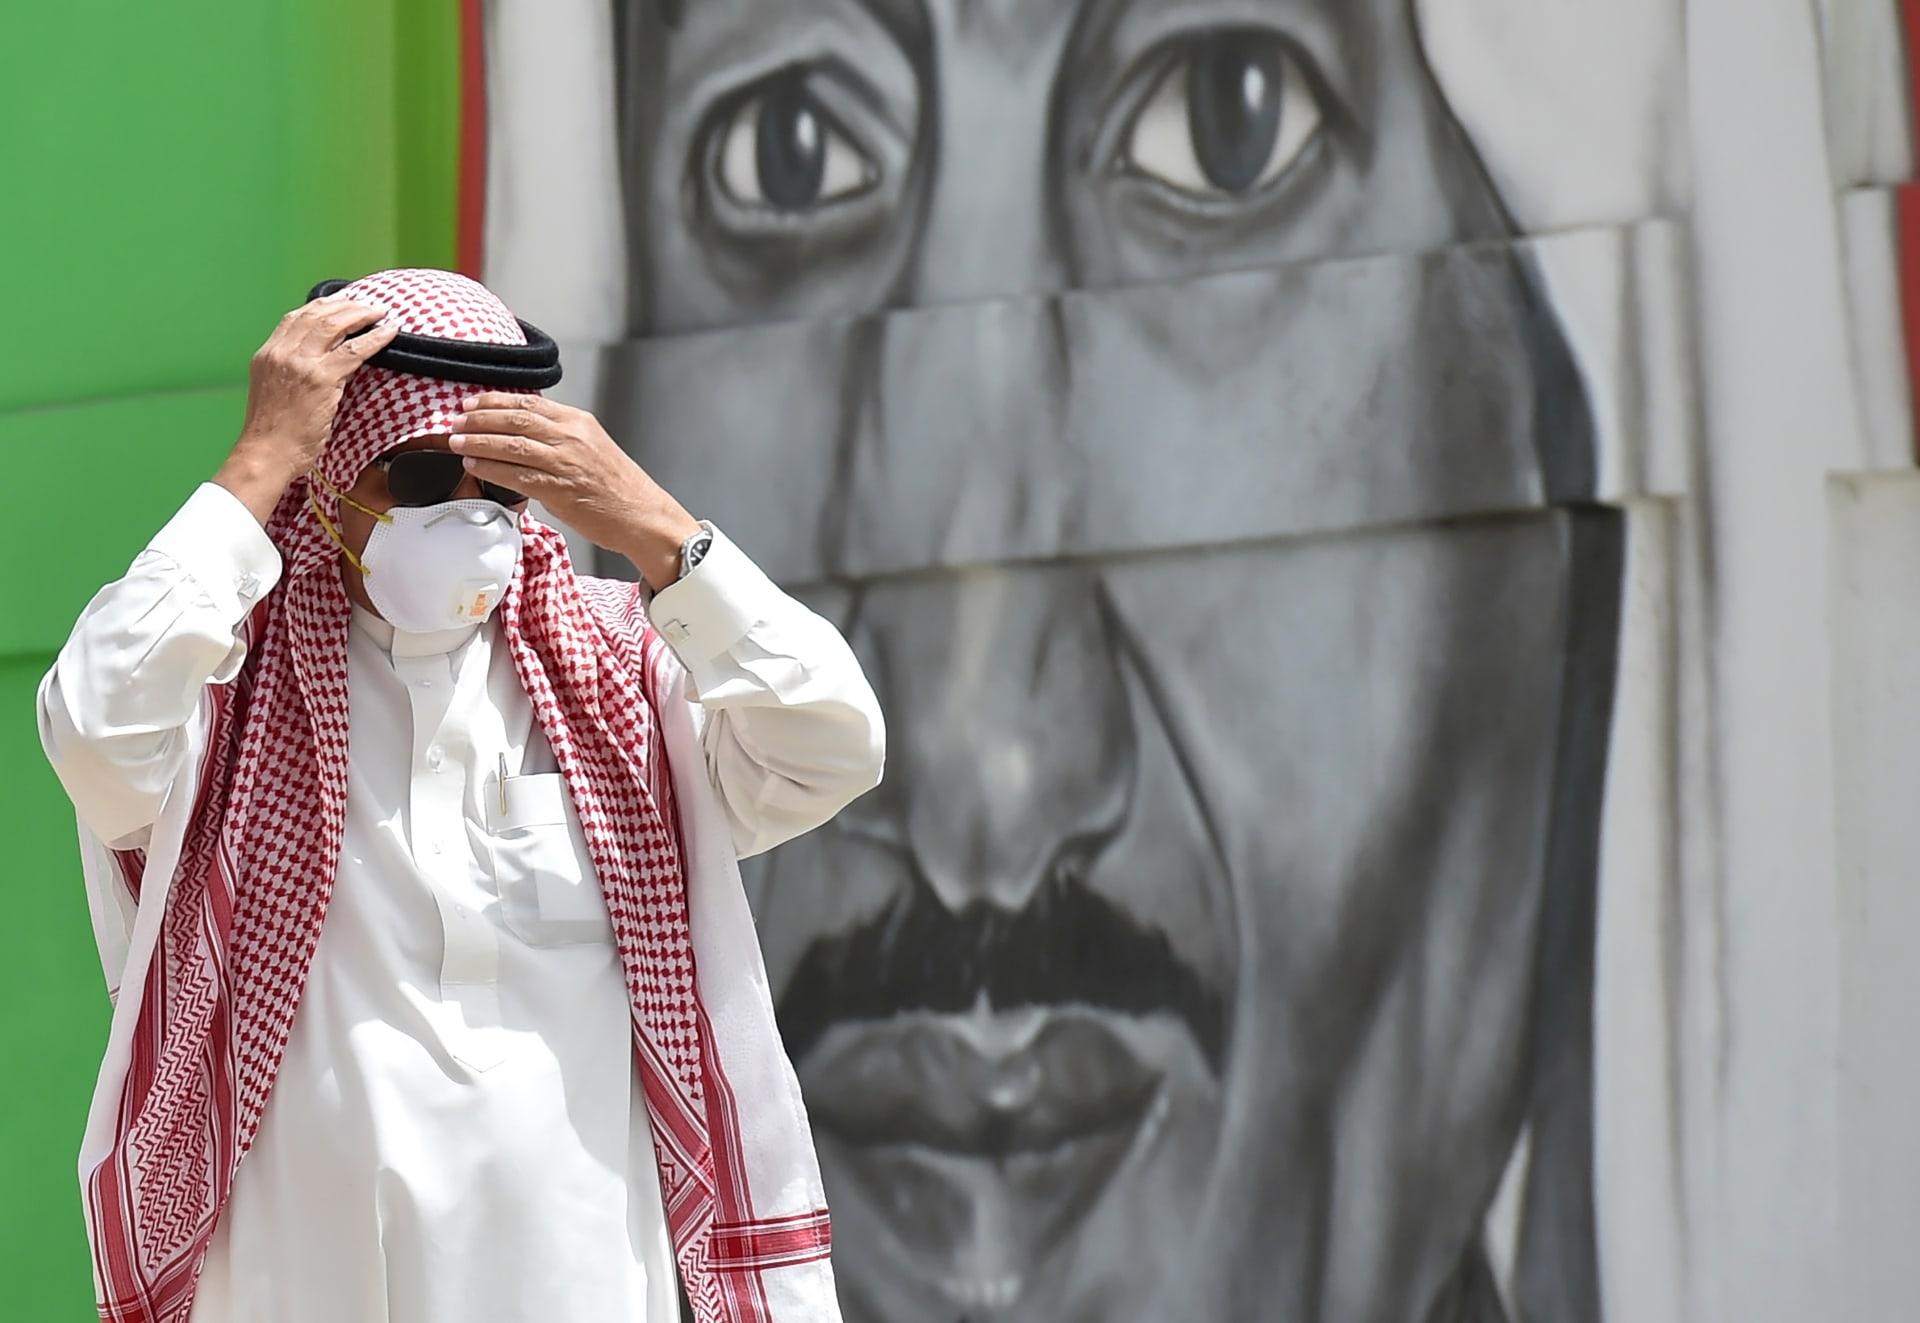 السعودية تعلن تمديد دعم العاملين السعوديين في القطاع الخاص المتضرر بكورونا